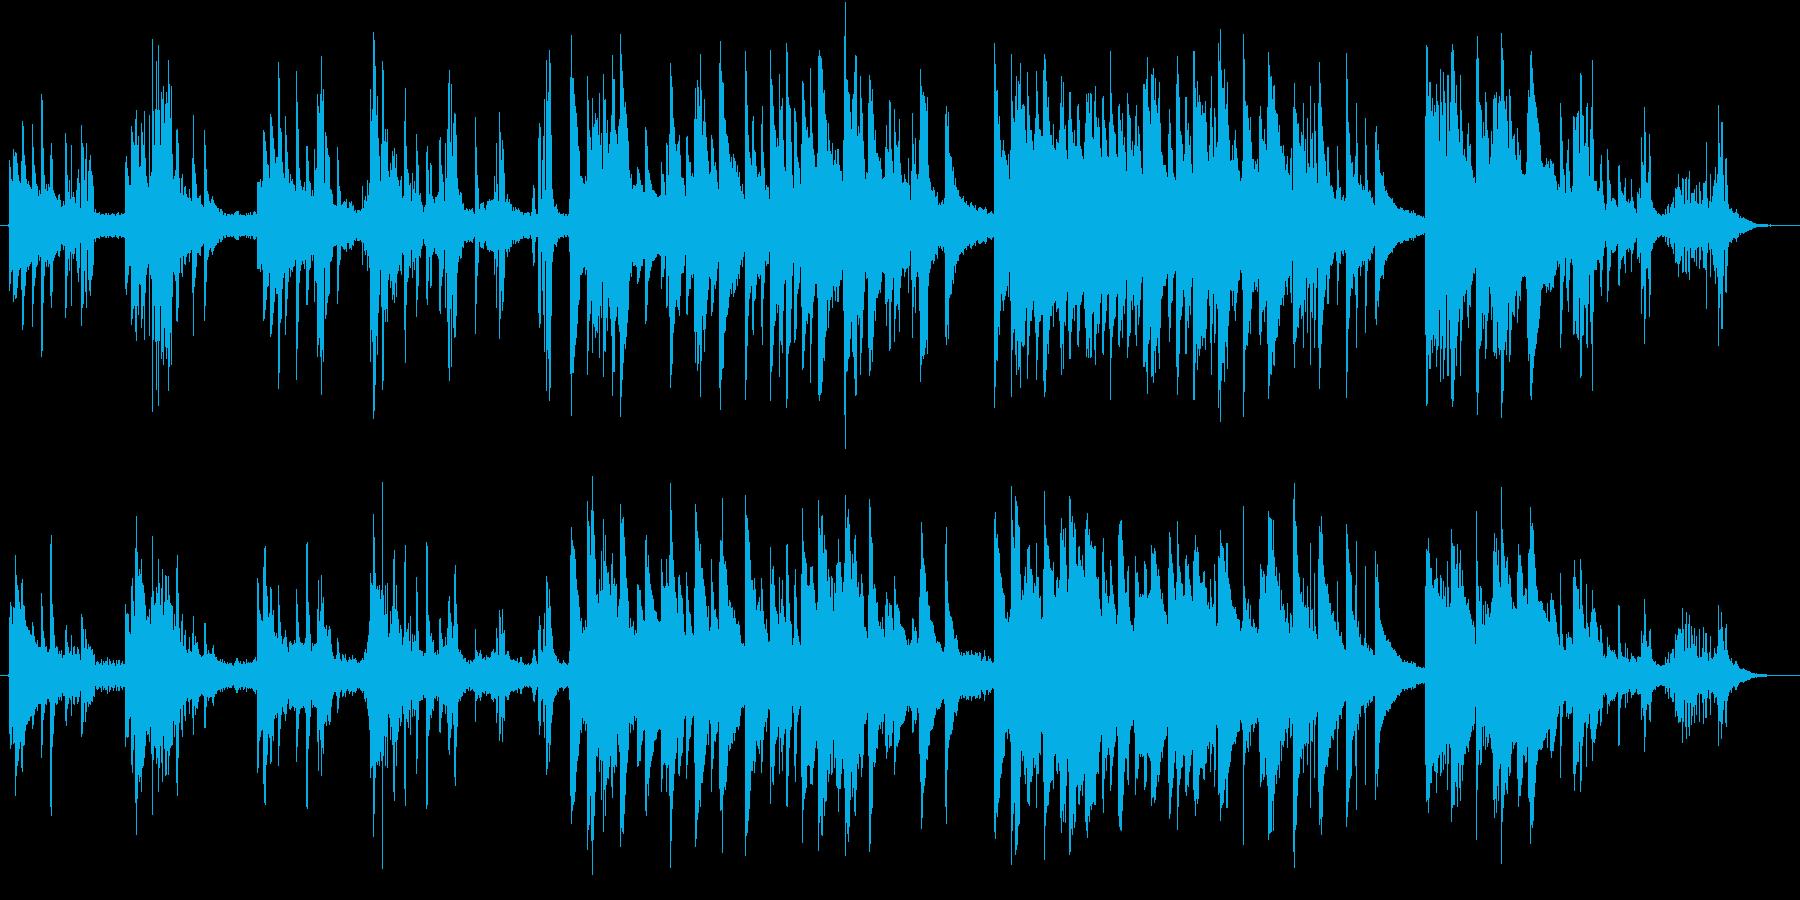 切なくも心癒されるピアノバラードの再生済みの波形